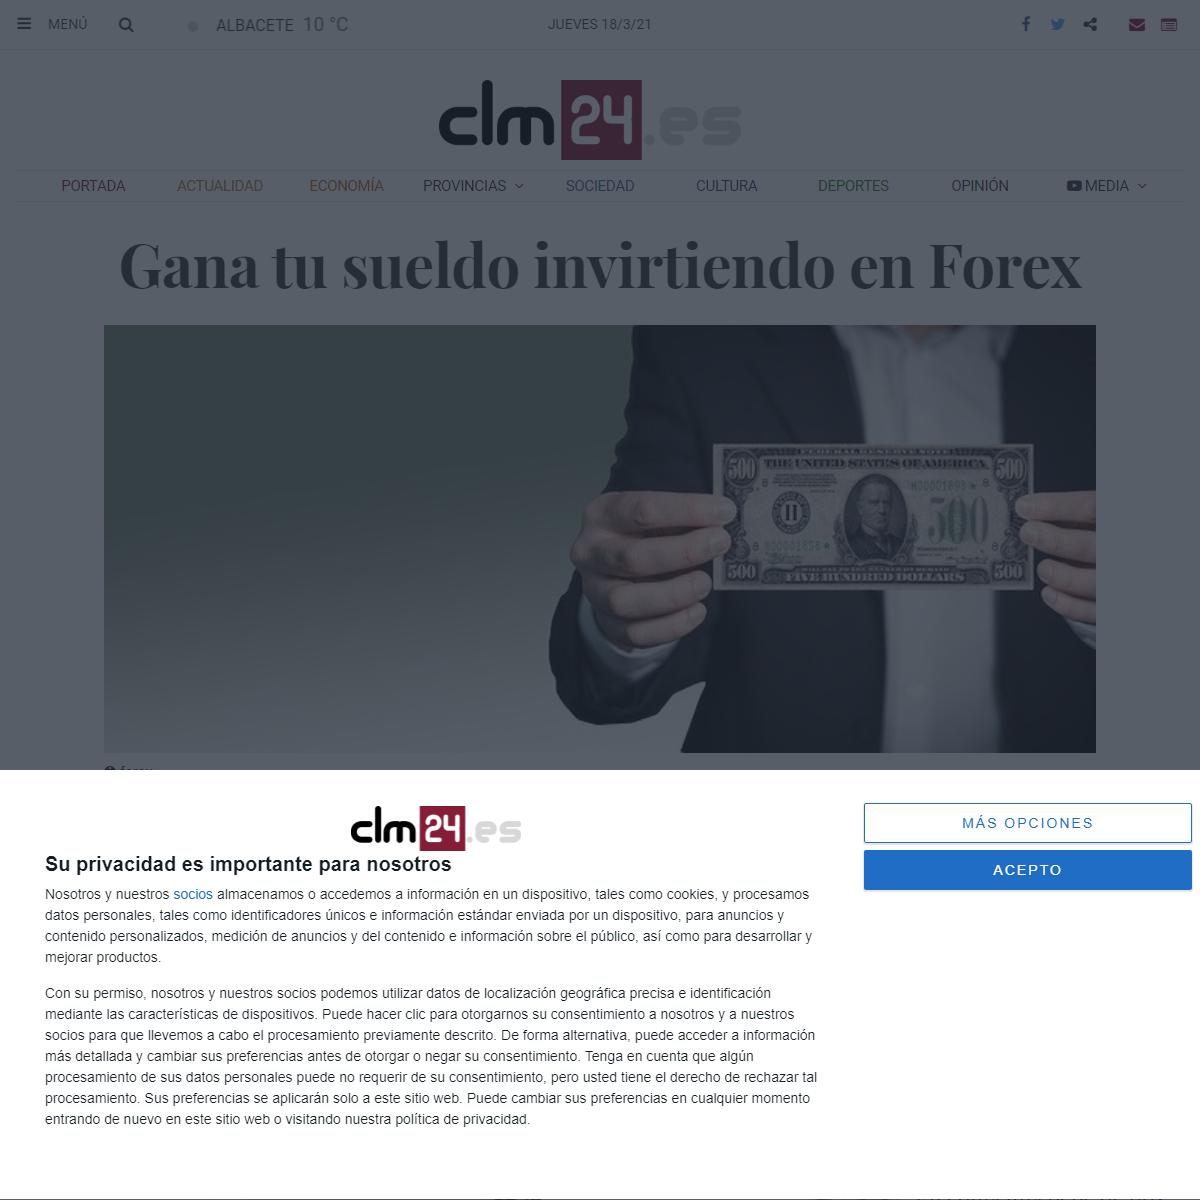 Gana tu sueldo invirtiendo en Forex